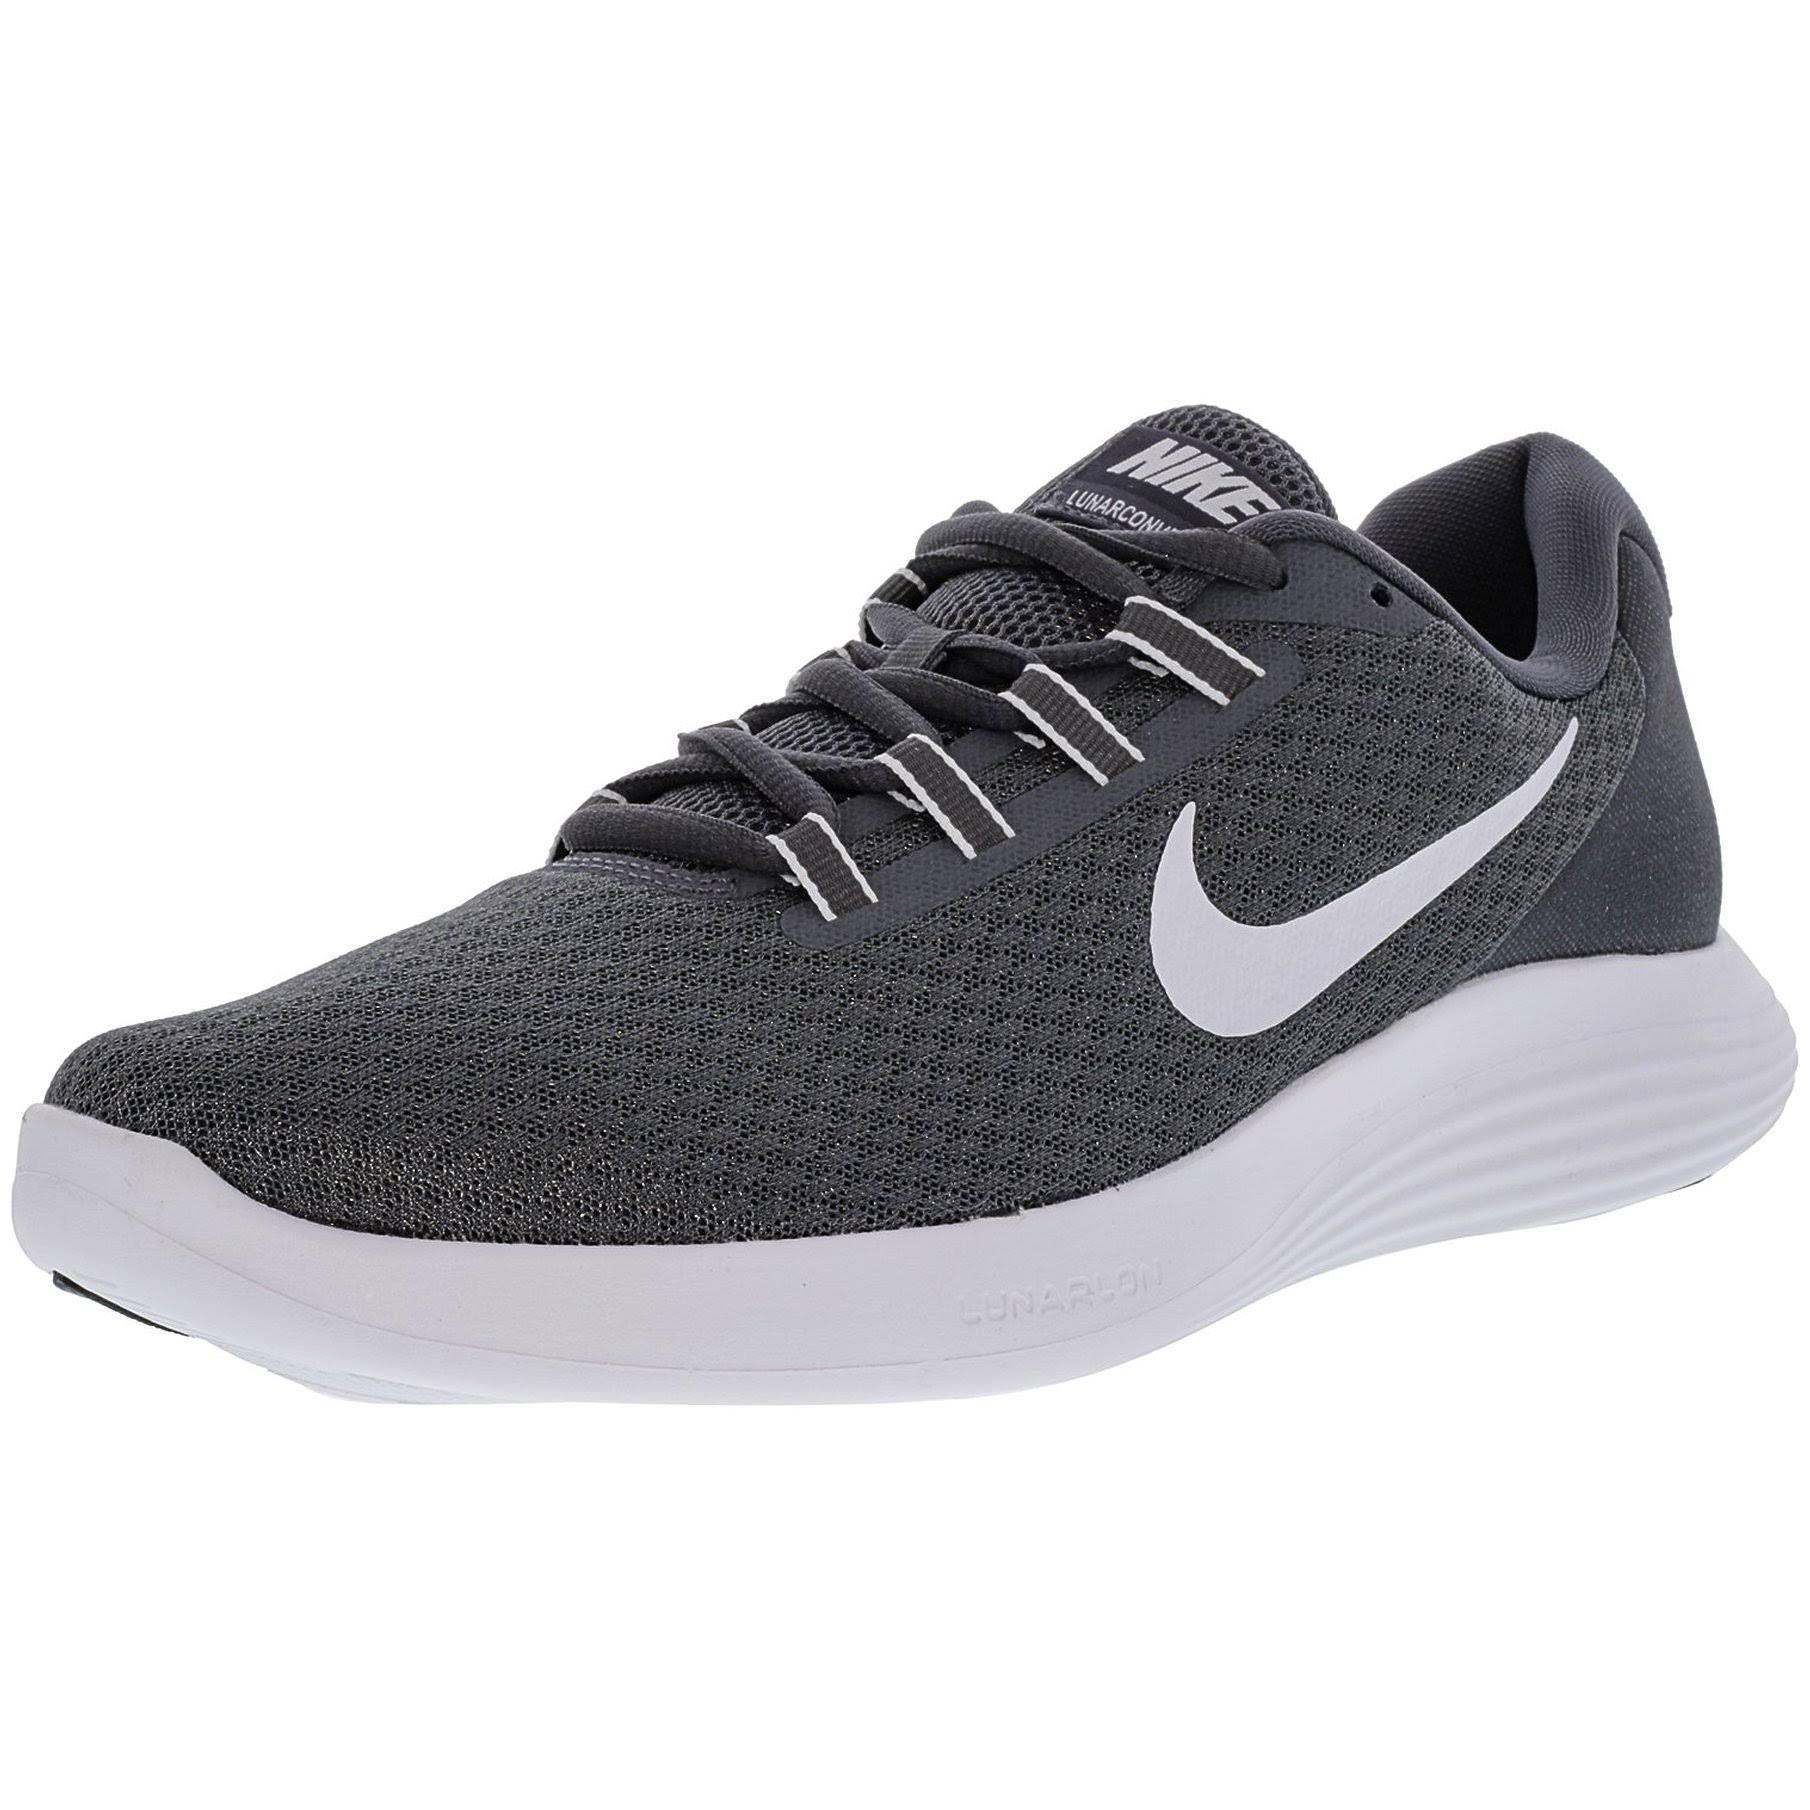 Weiß anthrazit Größen Nike Laufschuhe Nwb Dunkelgrau sortierte Grey Weiß Herren Lunarconverge Anthrazit OWOPSvq